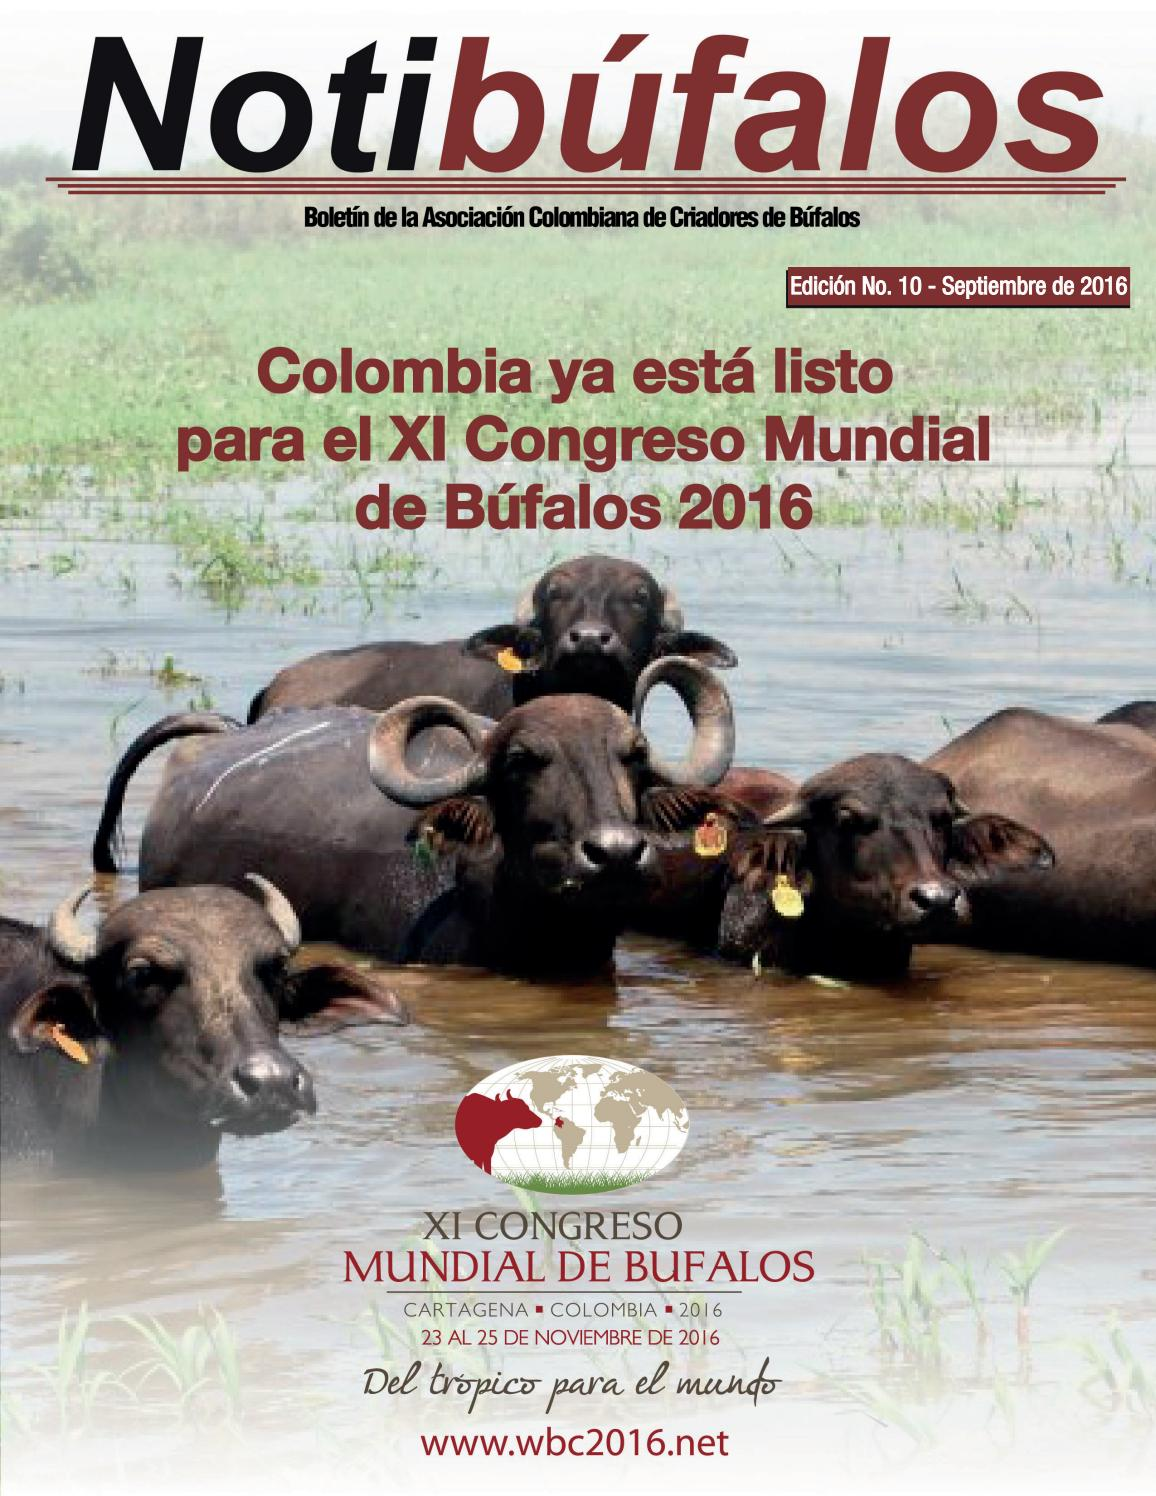 Notibúfalos 10 by comunicaciones asobufalos - issuu